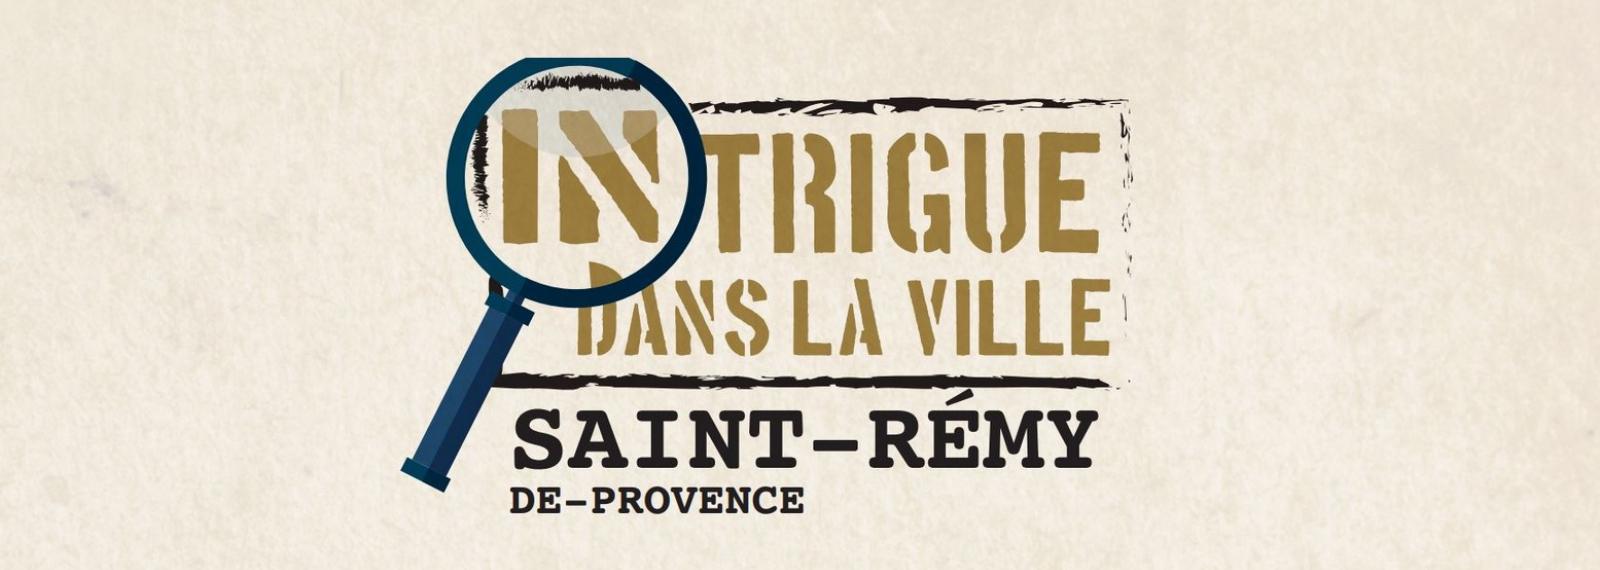 Intrigue dans la ville de Saint-Rémy-de-Provence